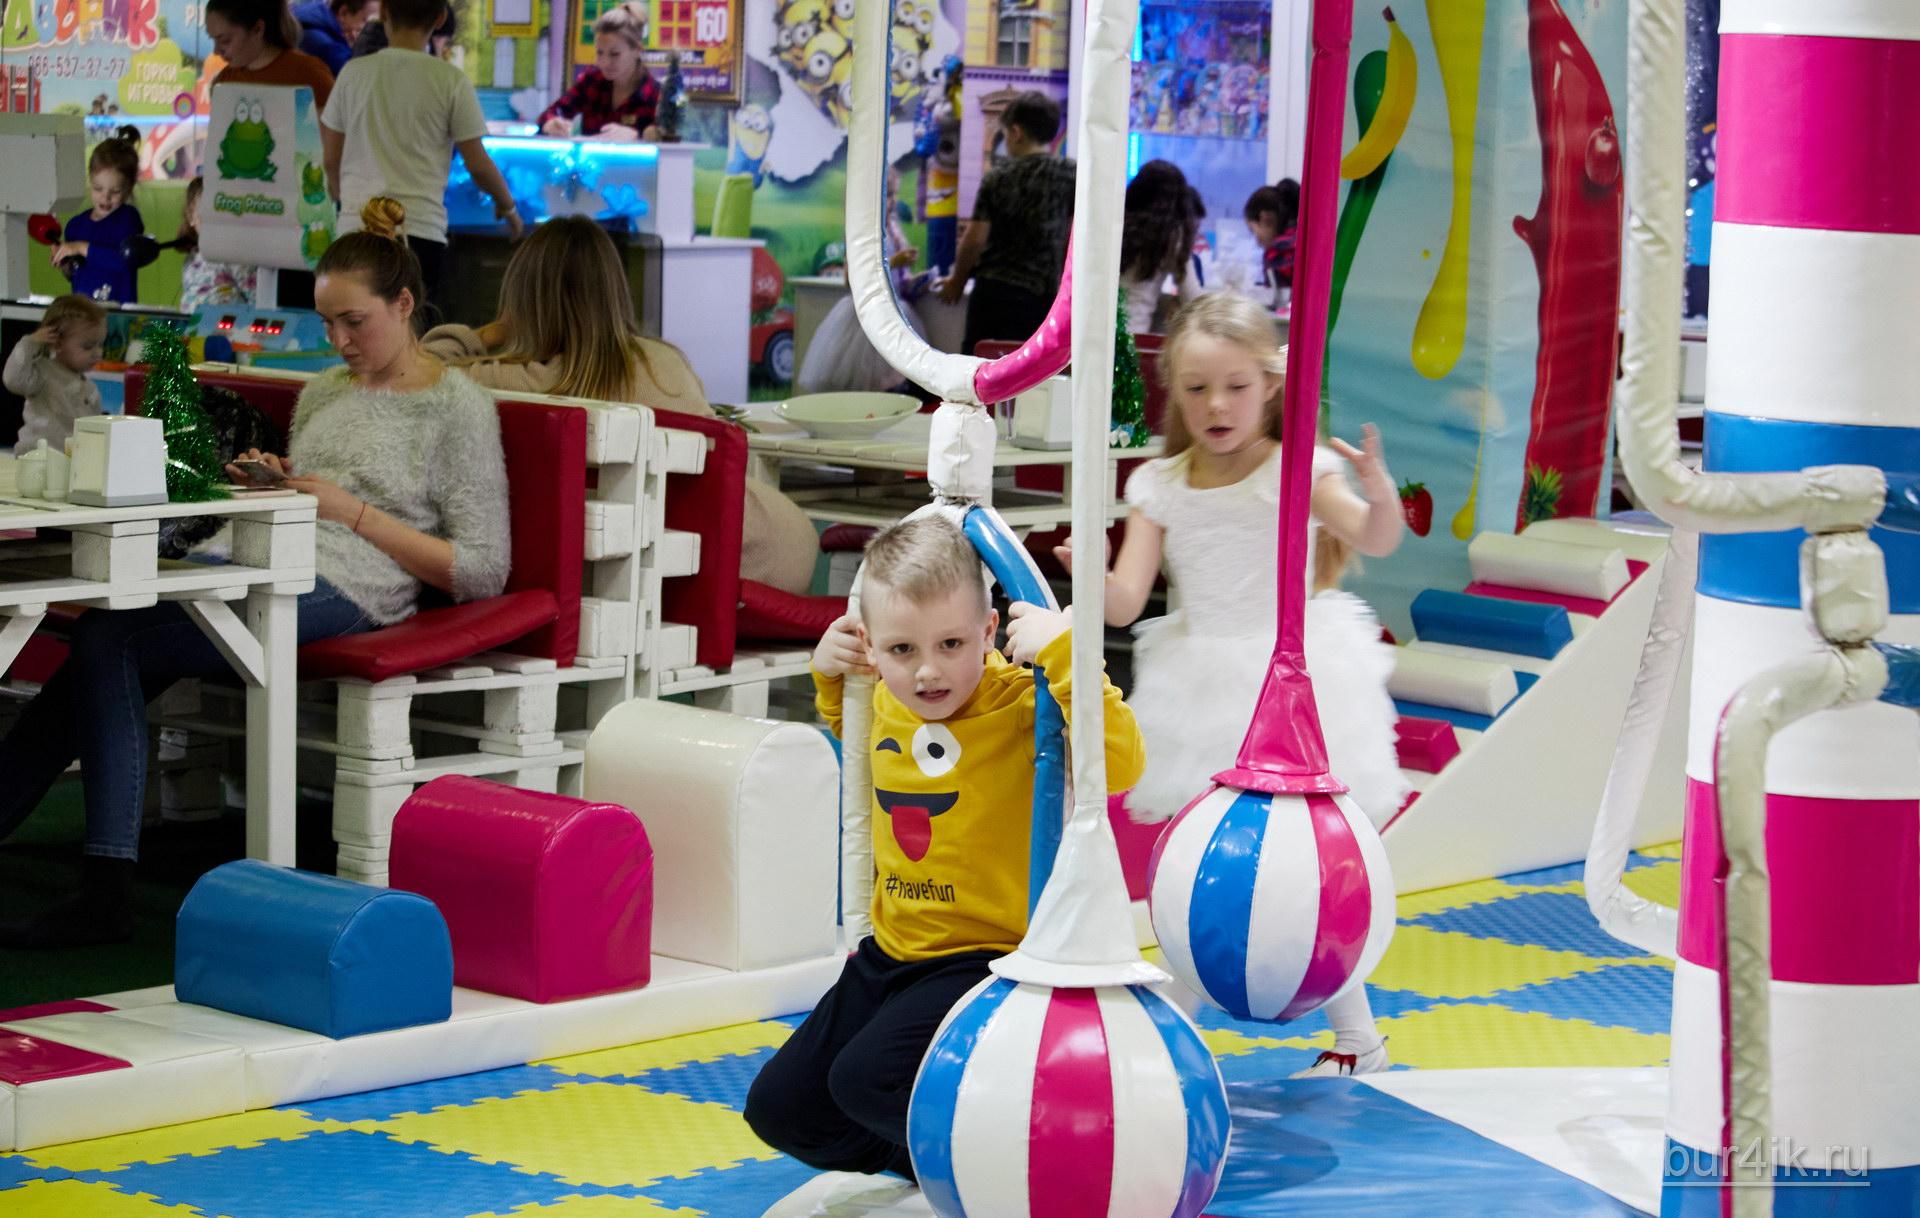 Фото Детское День Рождения в Детский Дворик 15.01.2020 №256 -photo- bur4ik.ru